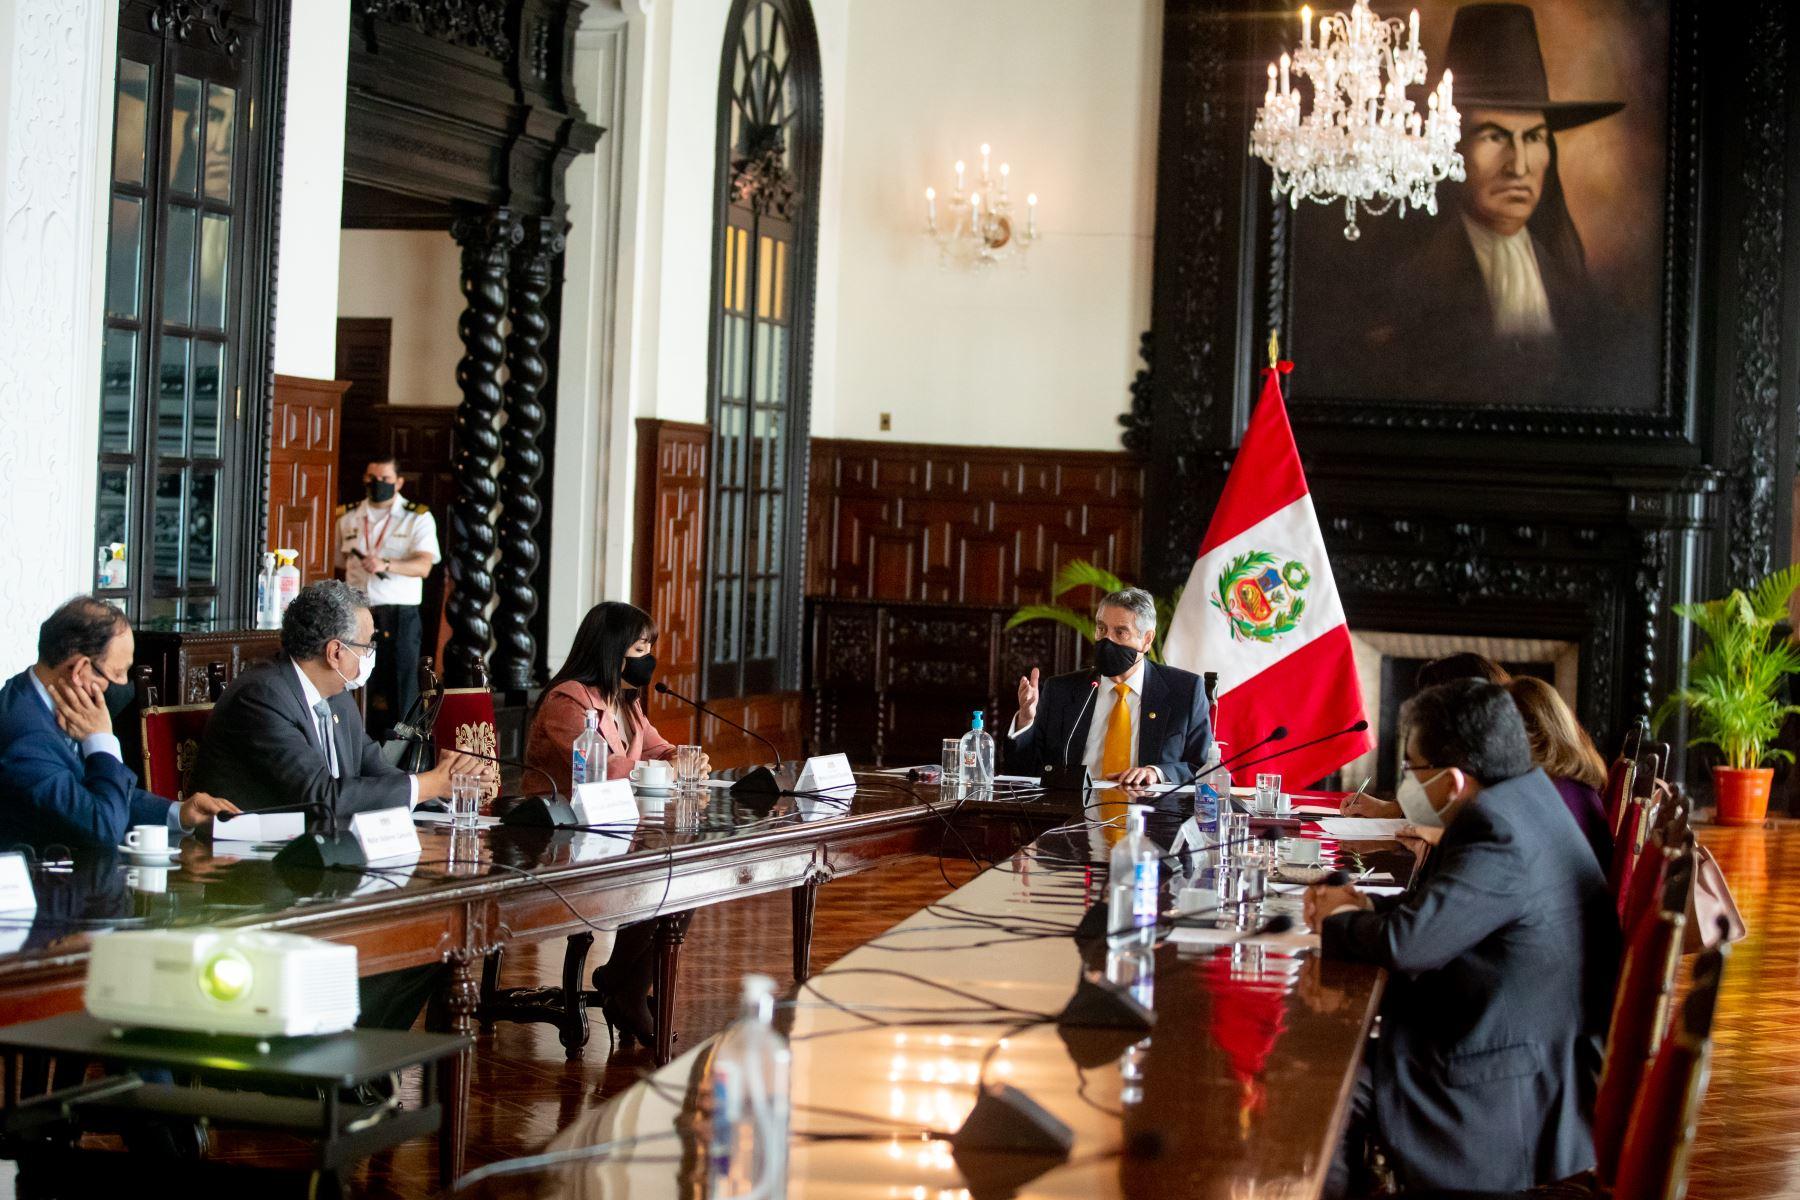 consejo-de-estado-se-reunira-este-lunes-con-organismos-electorales